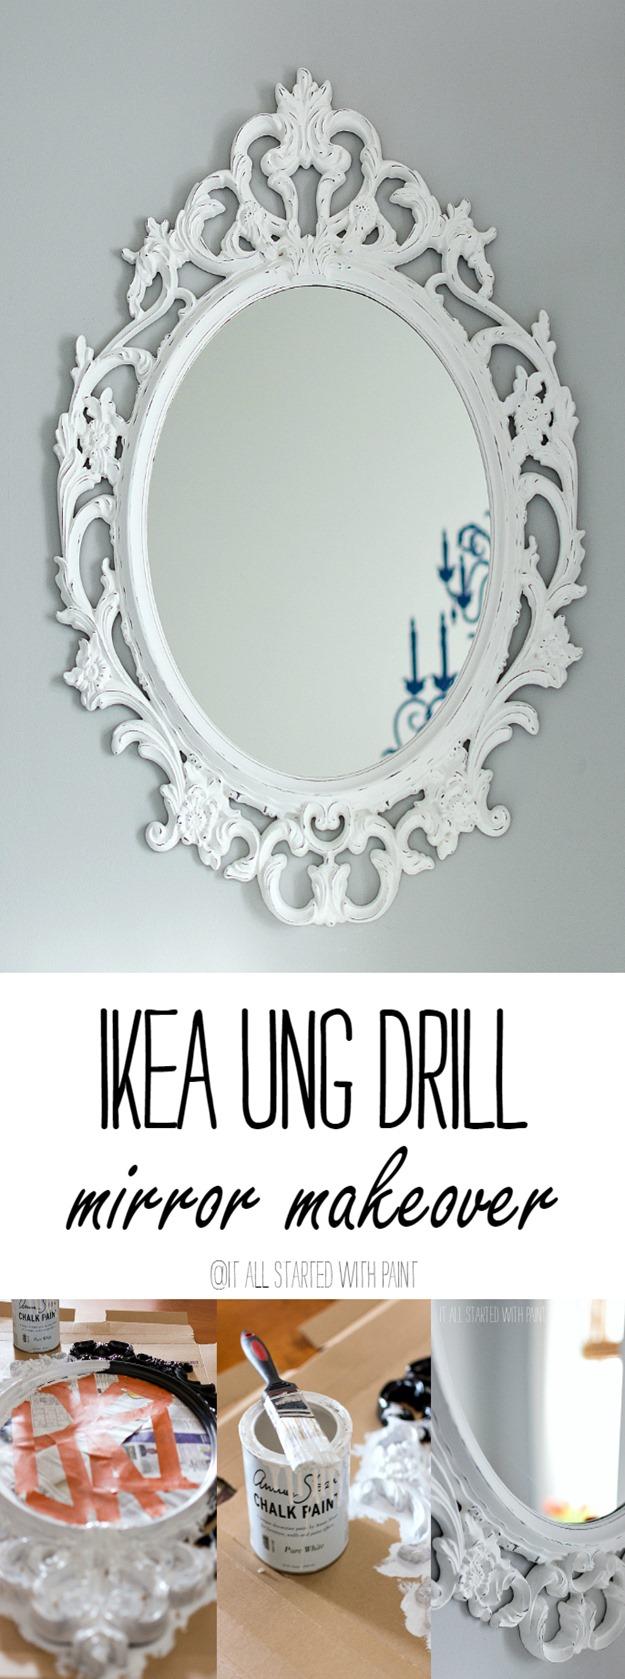 Ikea-Ung-Drill-Mirror-Makeover